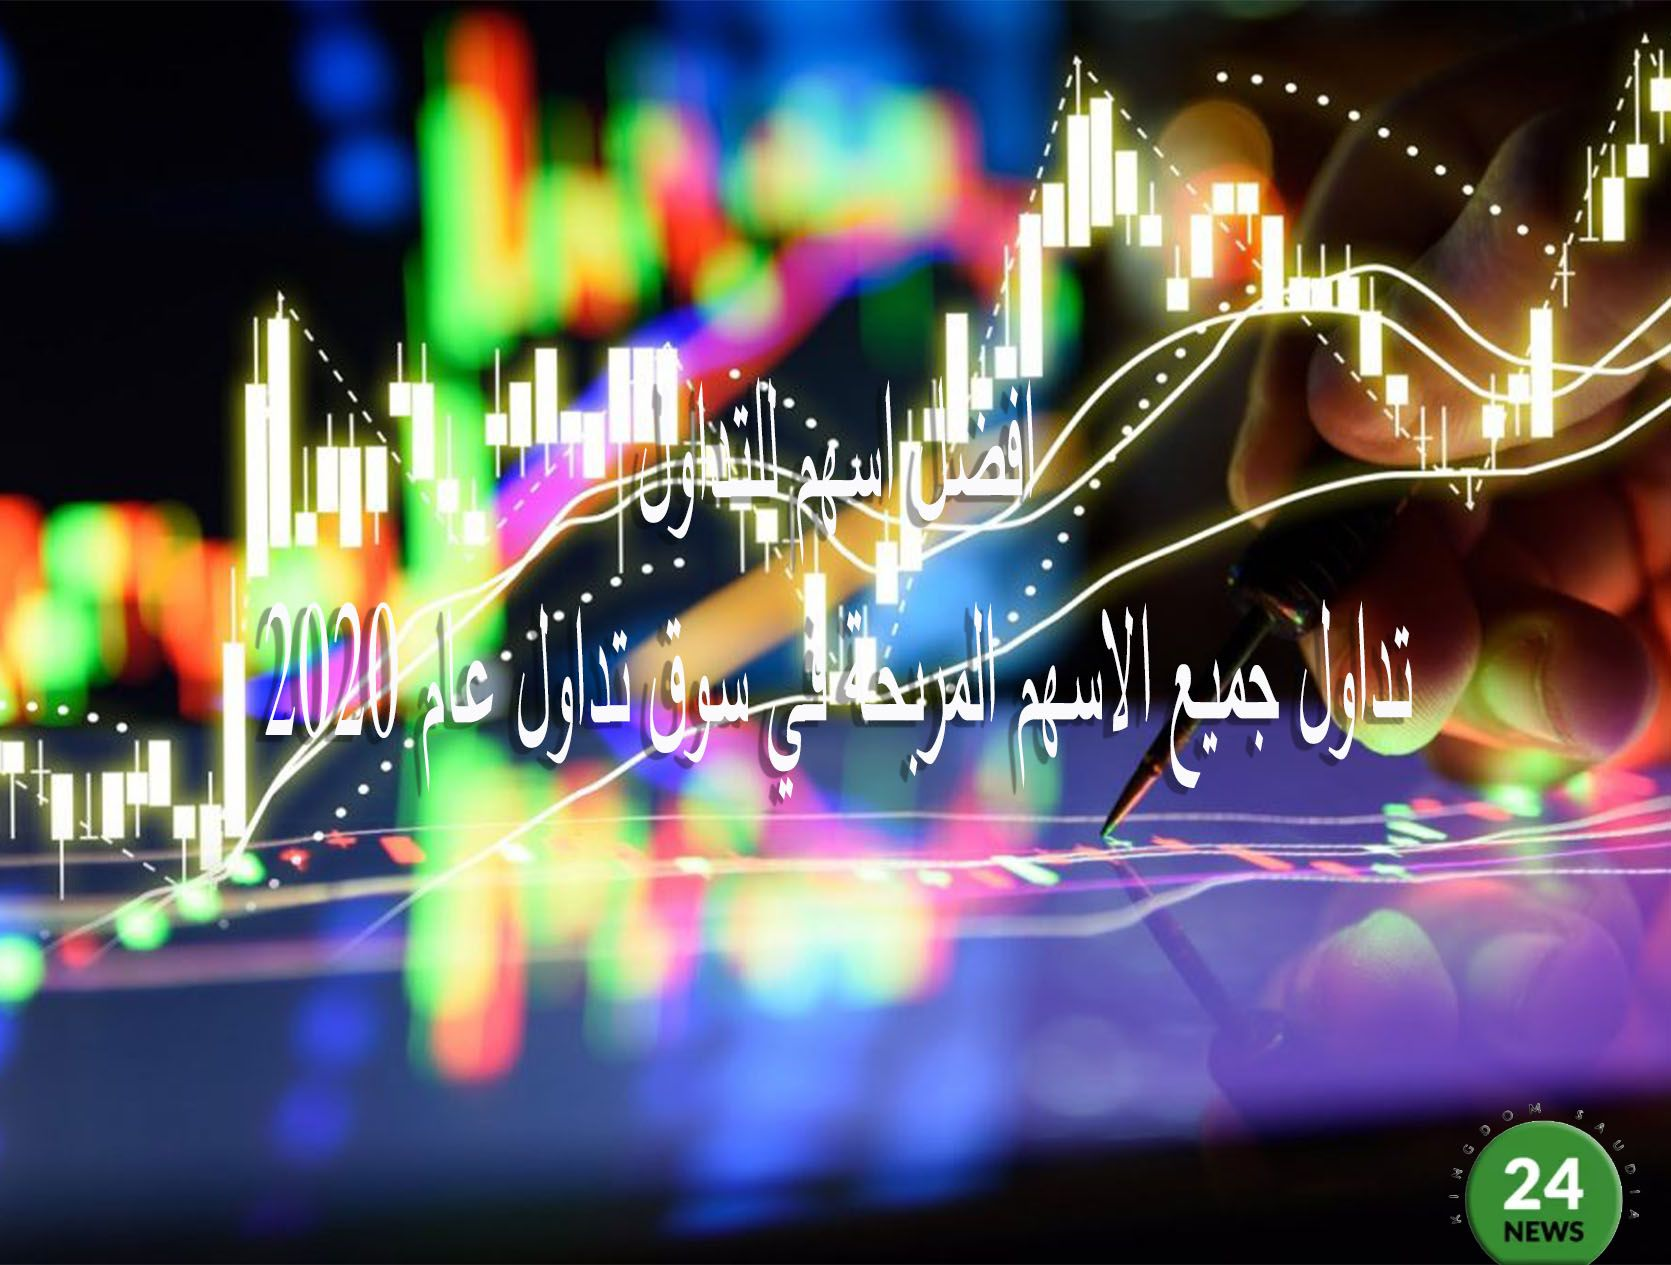 افضل اسهم للتداول تداول جميع الاسهم المربحة في سوق تداول عام 2020 Neon Signs Signs Trading